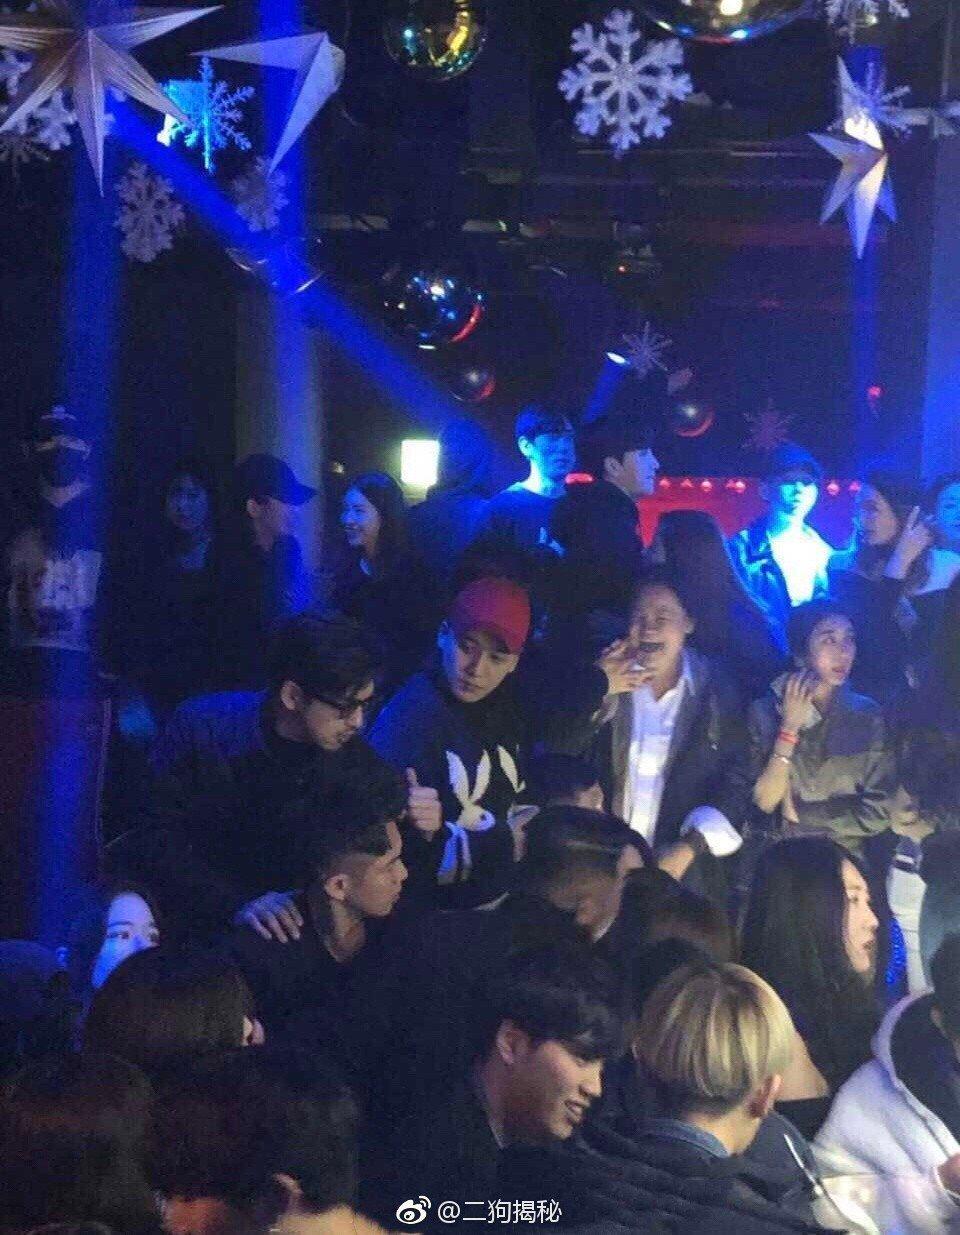 王大陸、陳柏霖、柯震東以及勝利於1月被拍到在夜店狂歡。圖/摘自微博